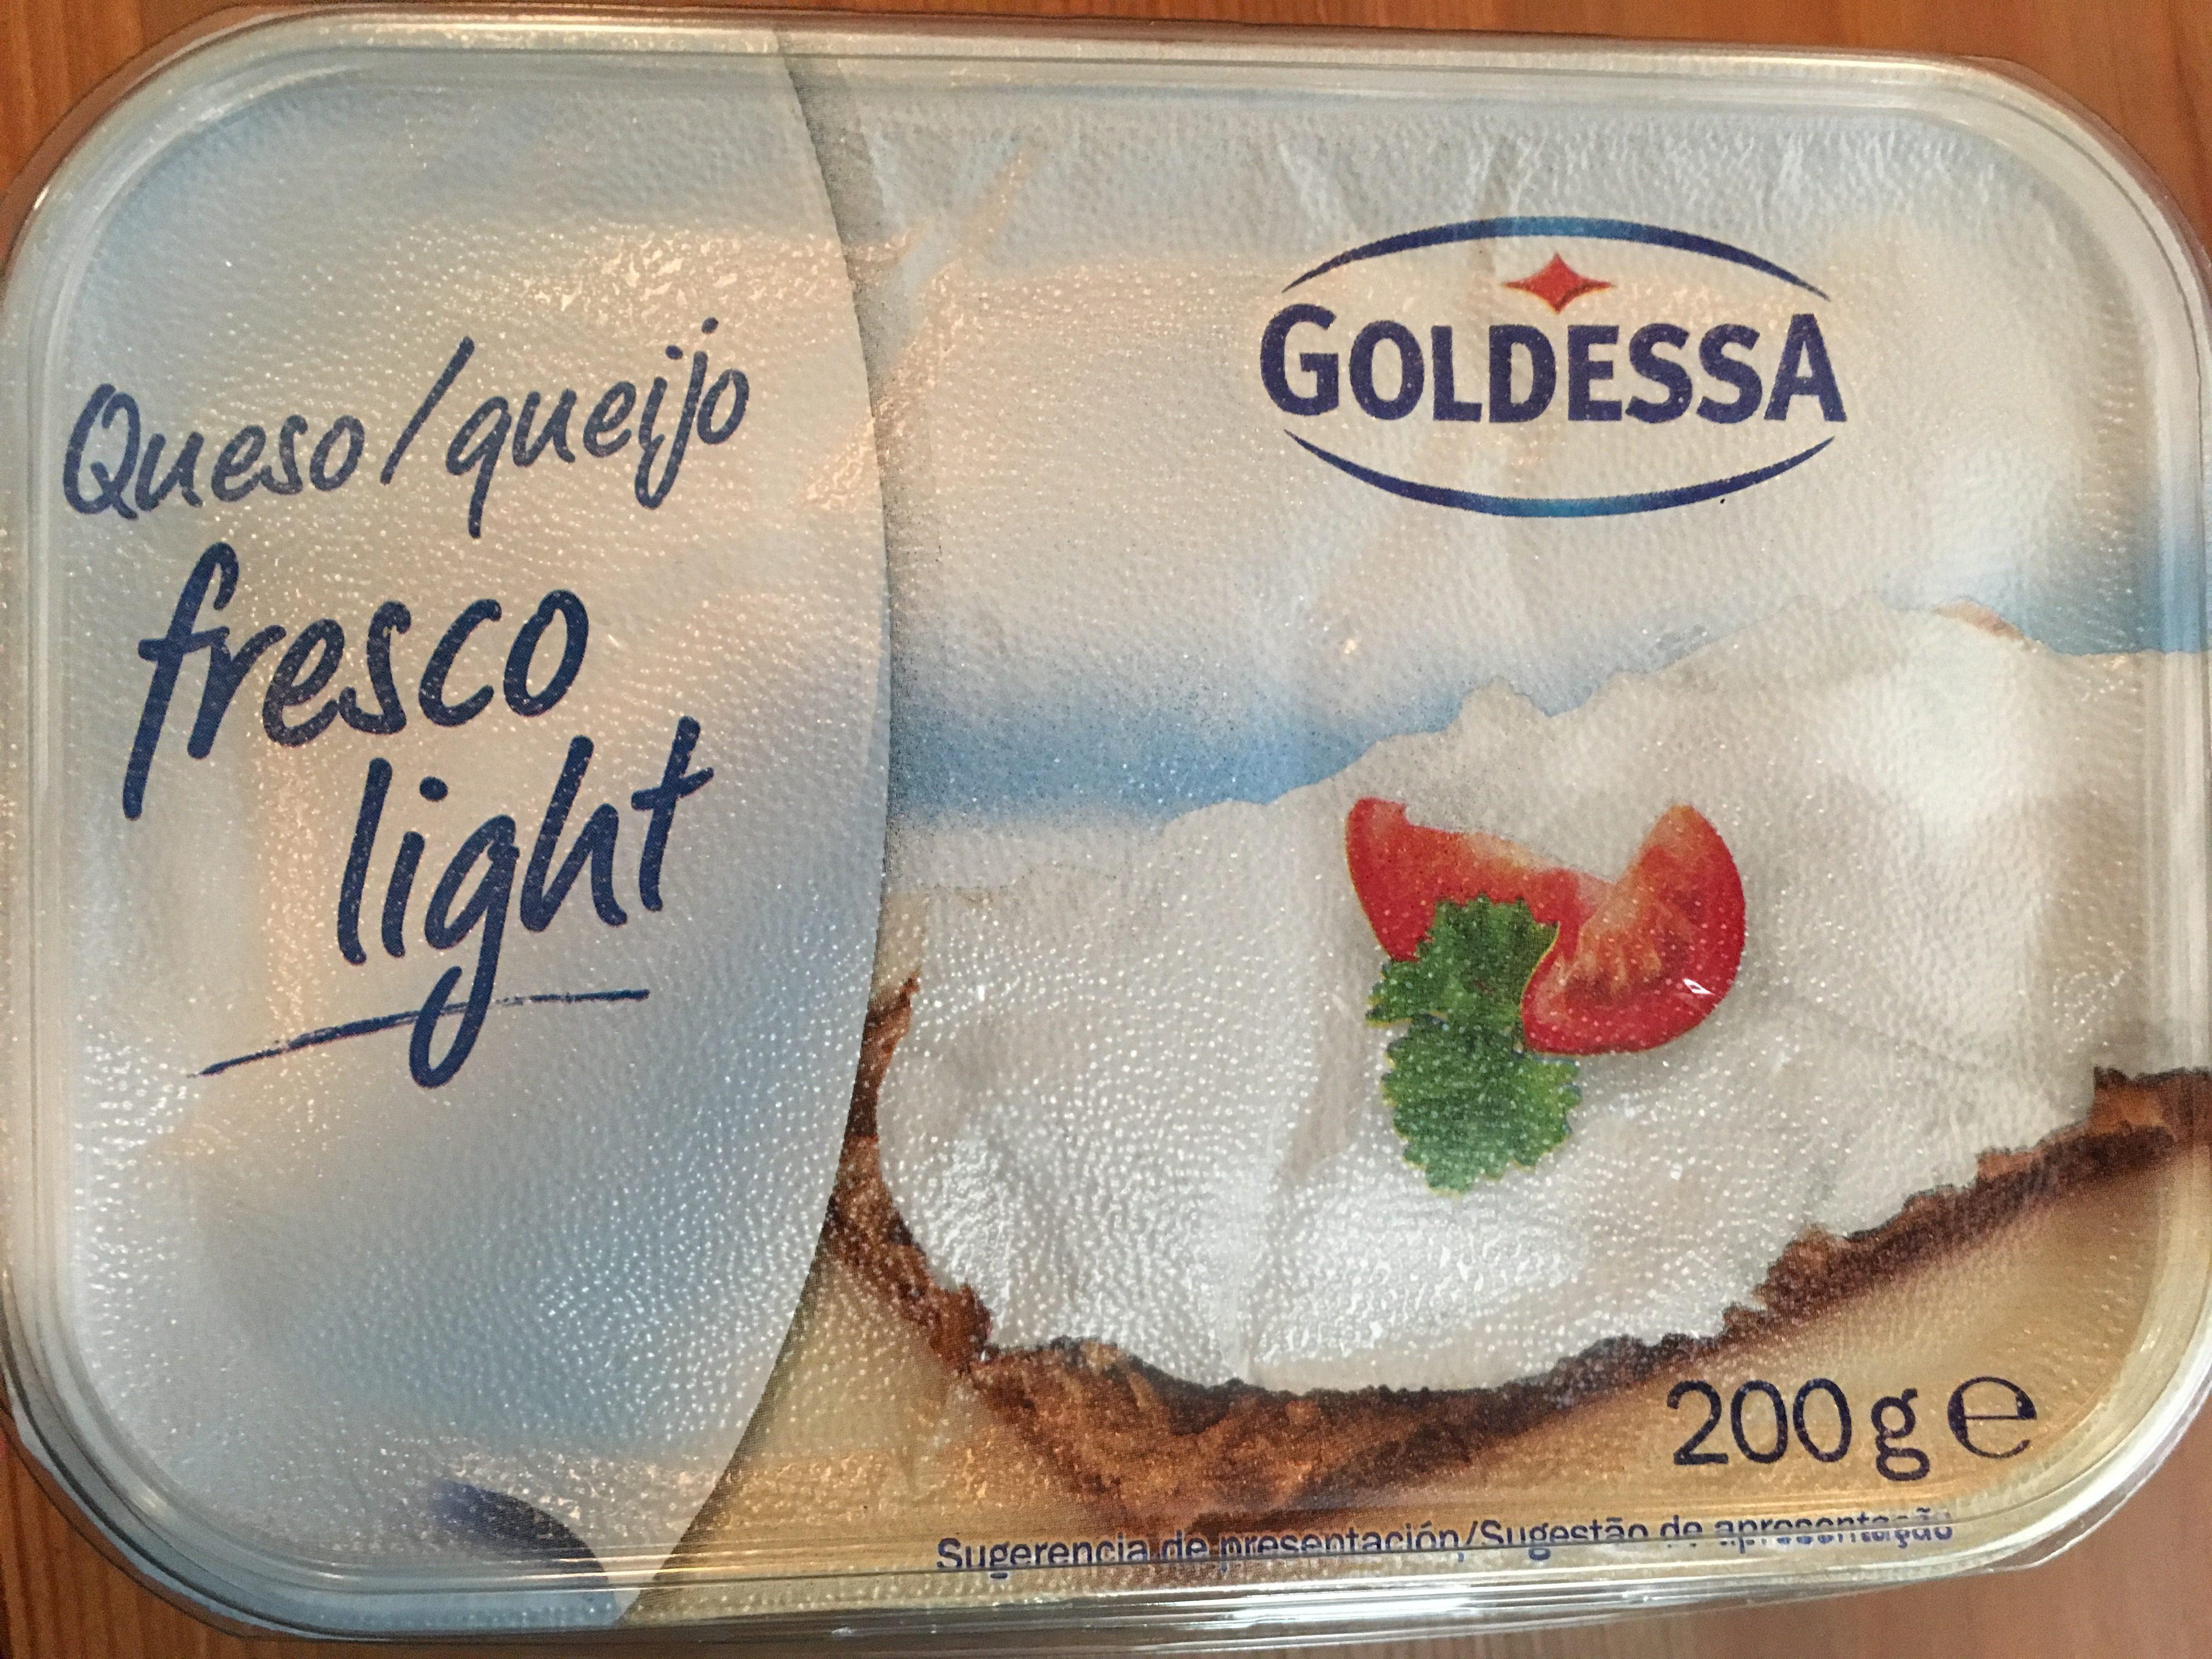 Cheesecake saudável de framboesa. Queijo-creme Goldessa